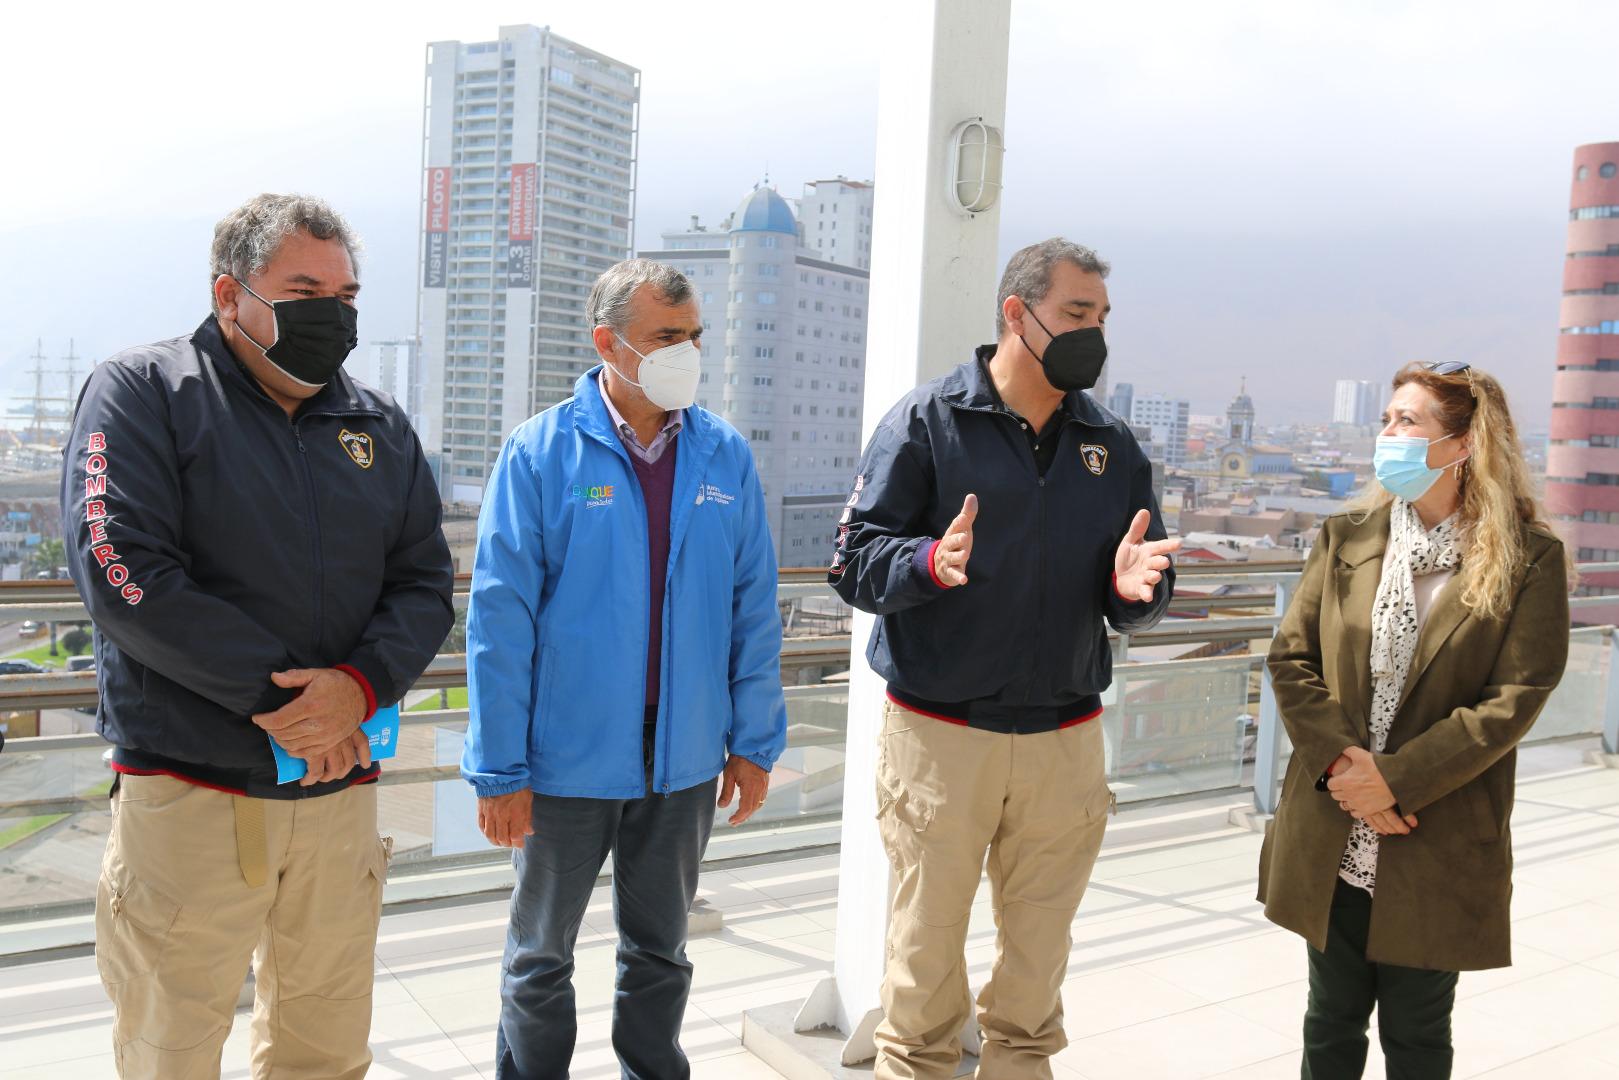 Municipalidad de Iquique entregó subvención de $120 millones al Cuerpo de Bomberos de Iquique